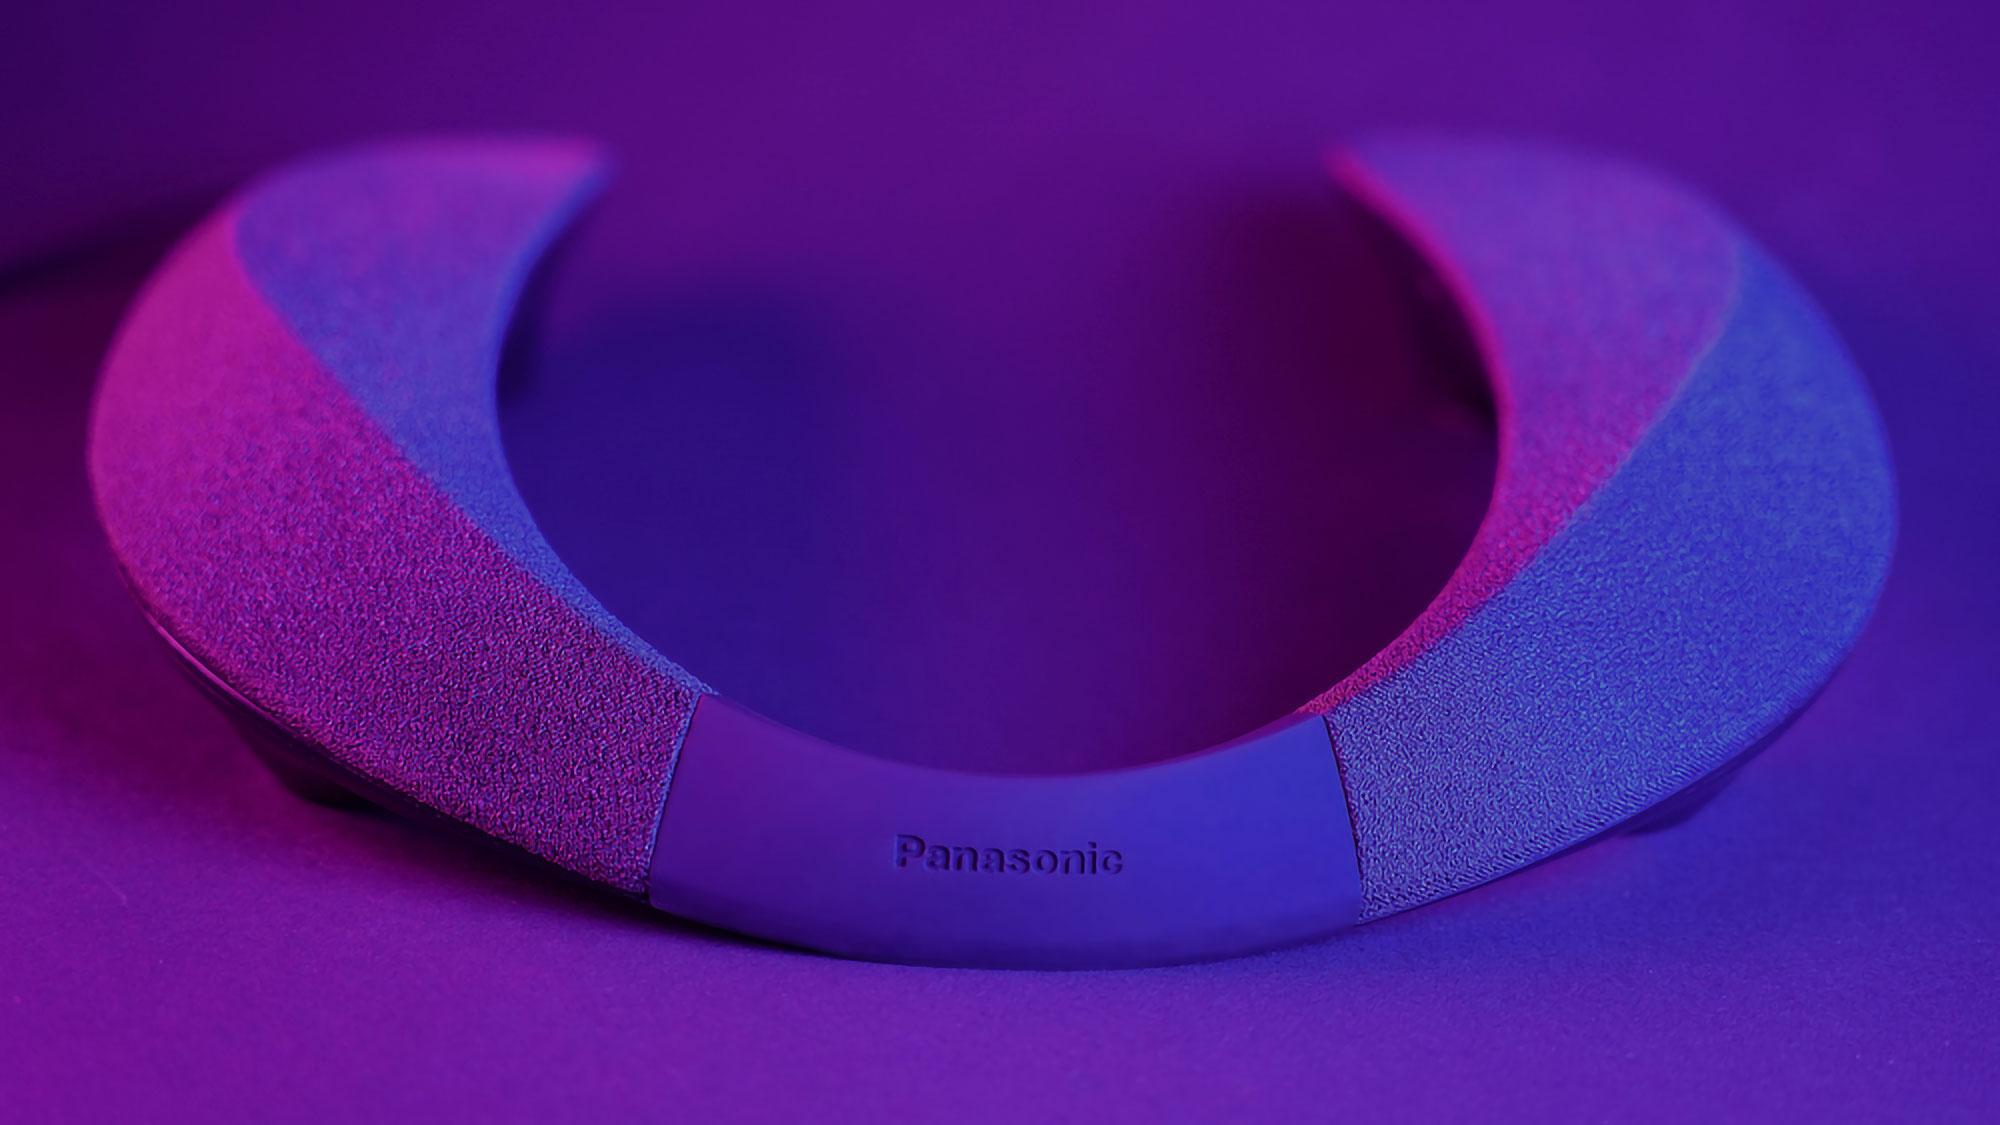 Panasonic SC-GN01 Wearable Immersive Gaming Speaker System